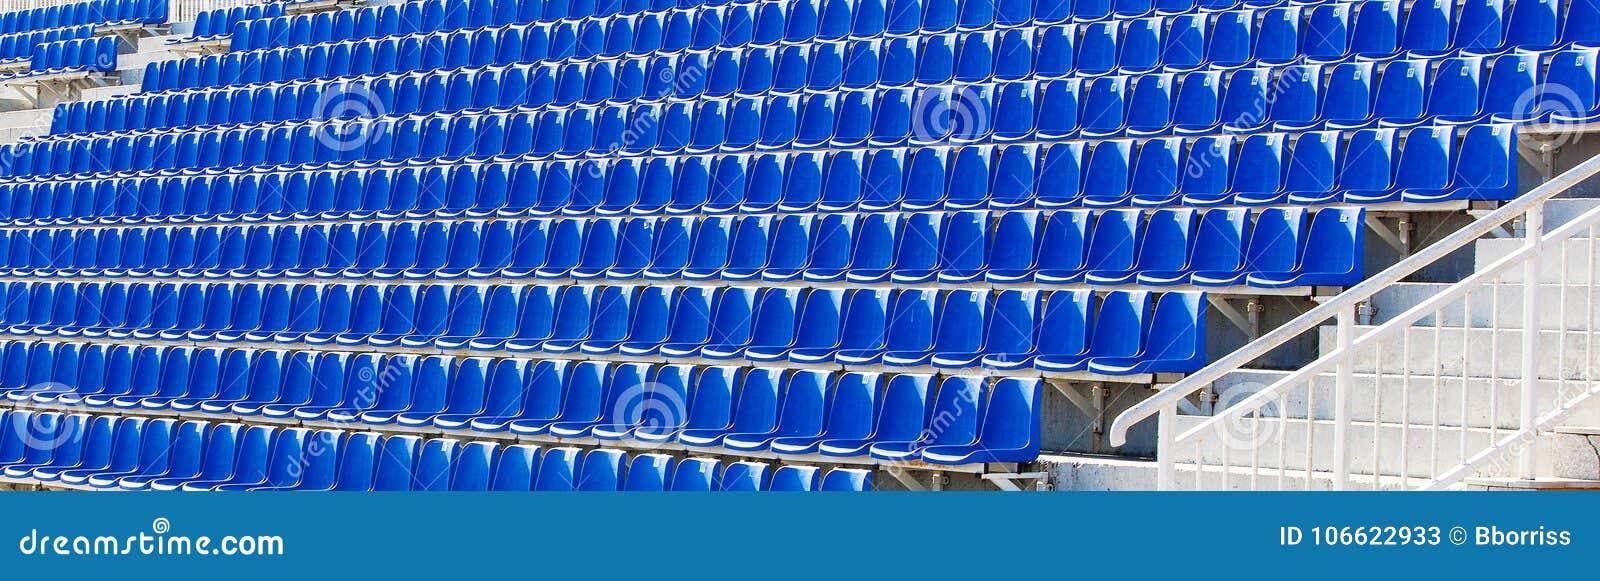 Sillas plásticas azules dobladas en una tribuna temporal